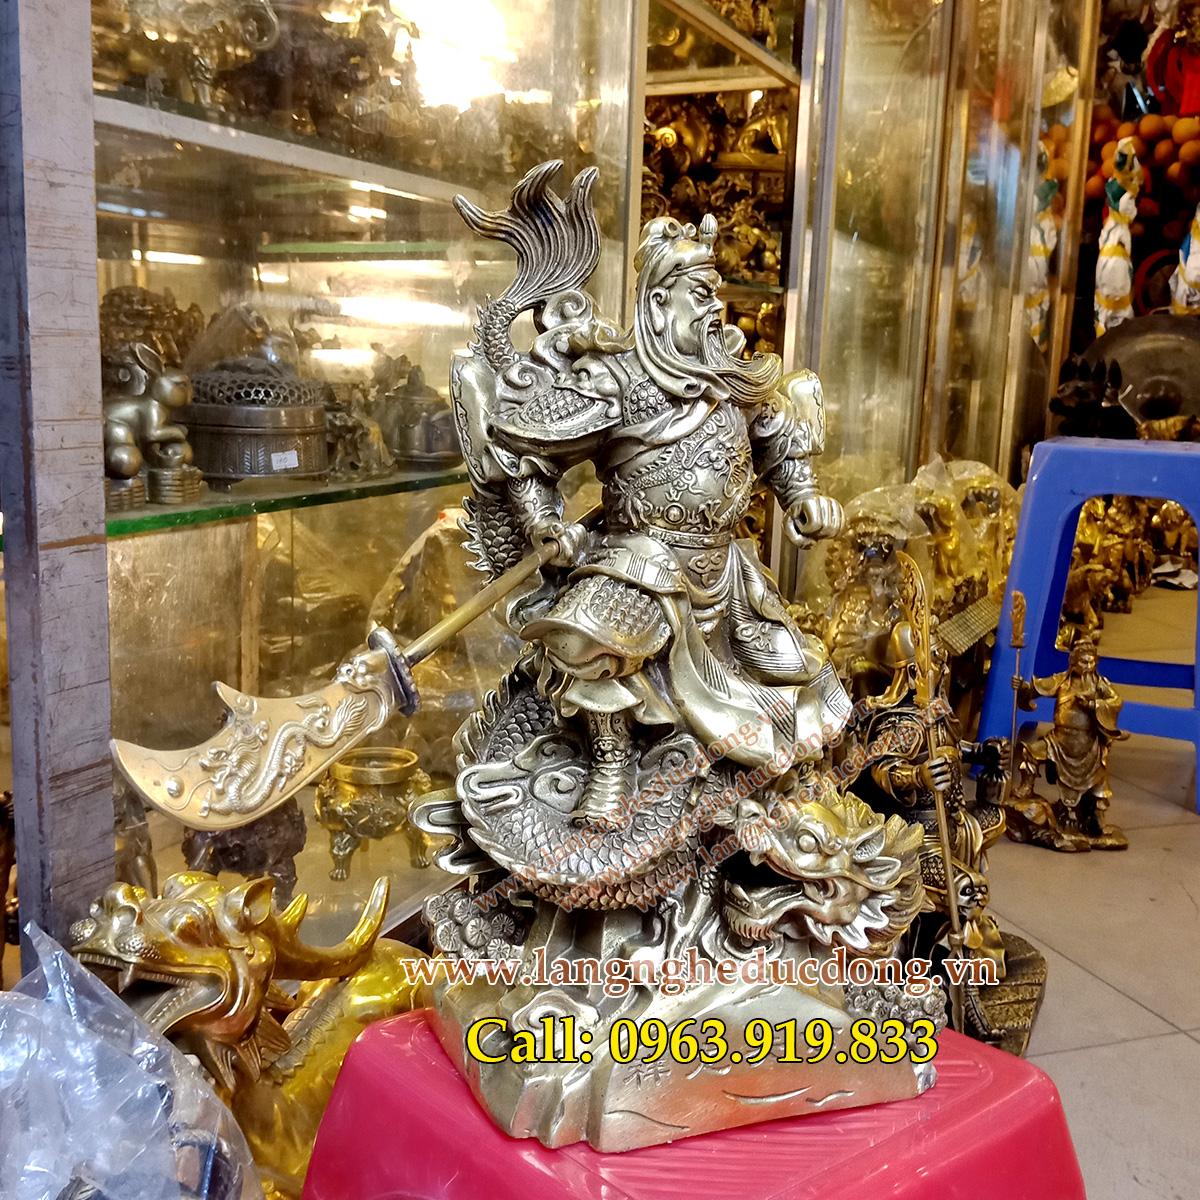 langngheducdong.vn - tượng quan công, tượng quan vân trường, mẫu tượng quan công bằng đồng